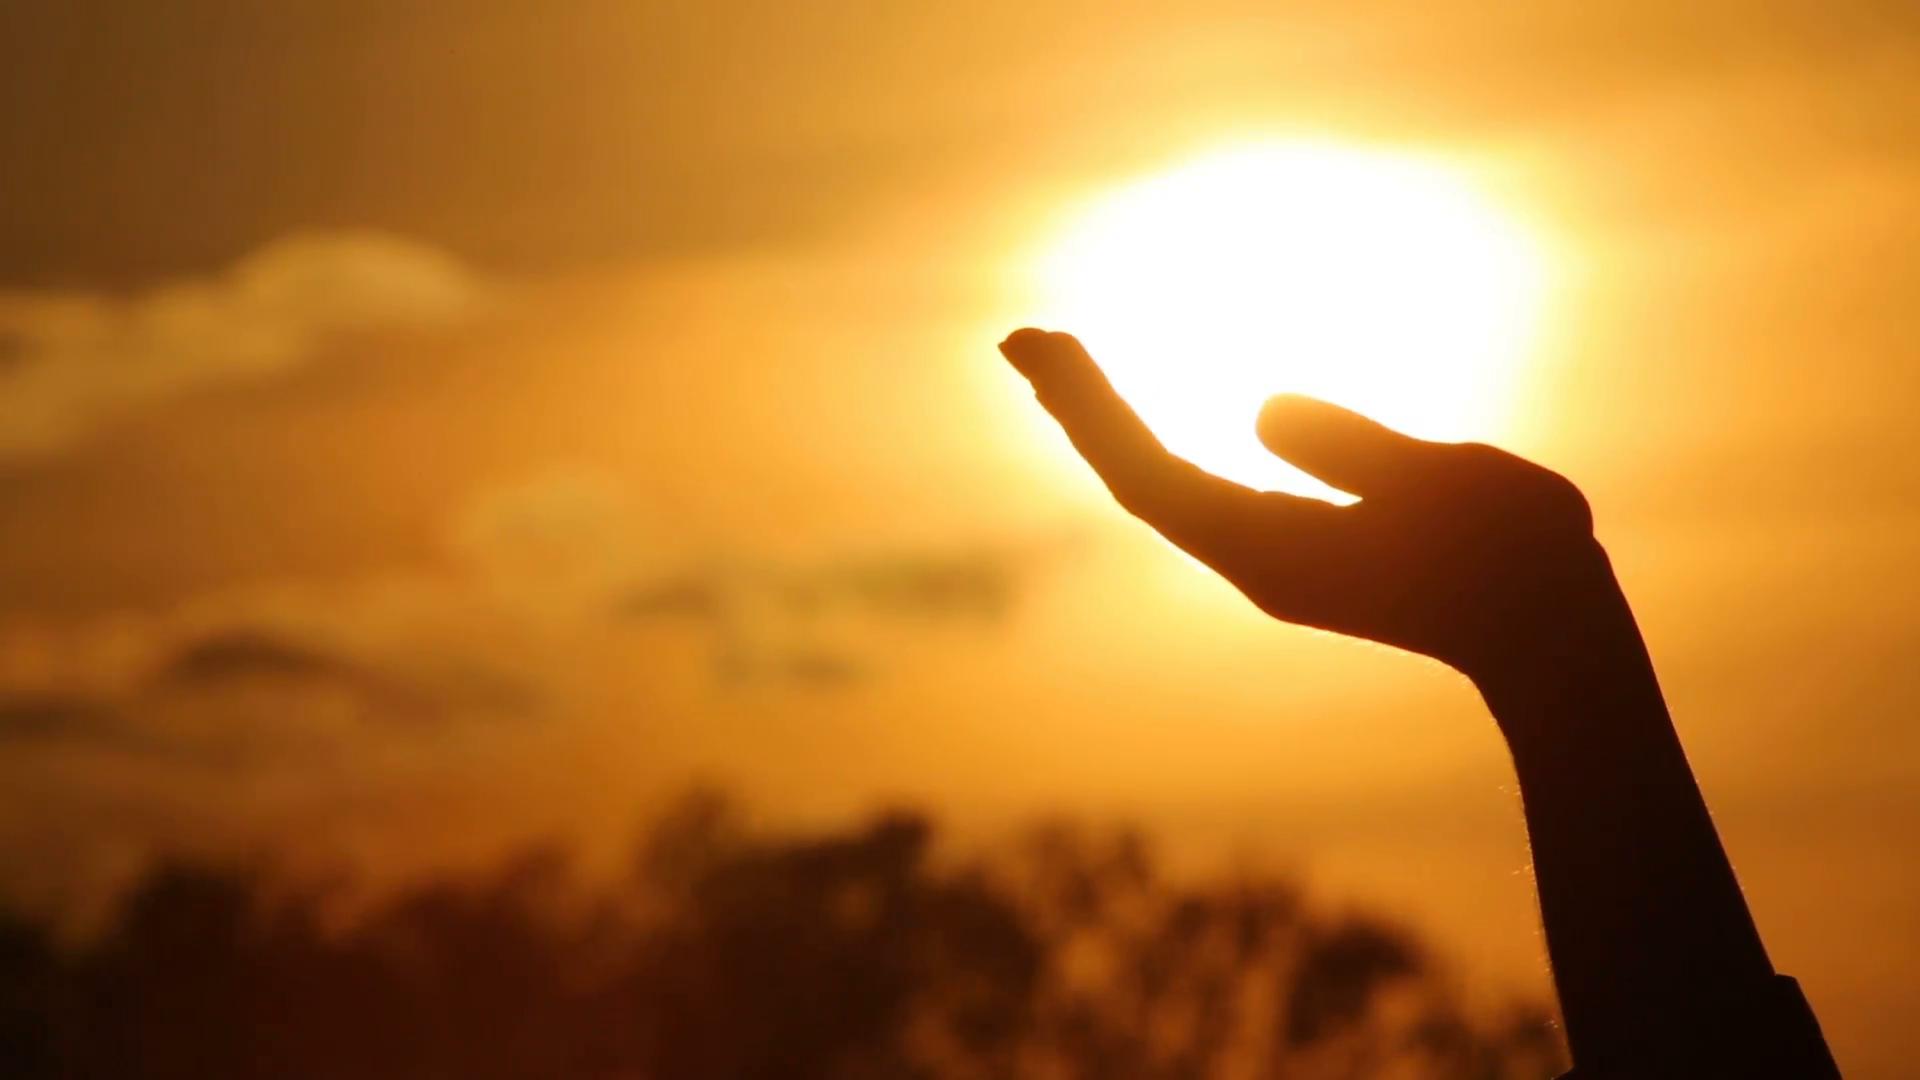 sun-human-hand